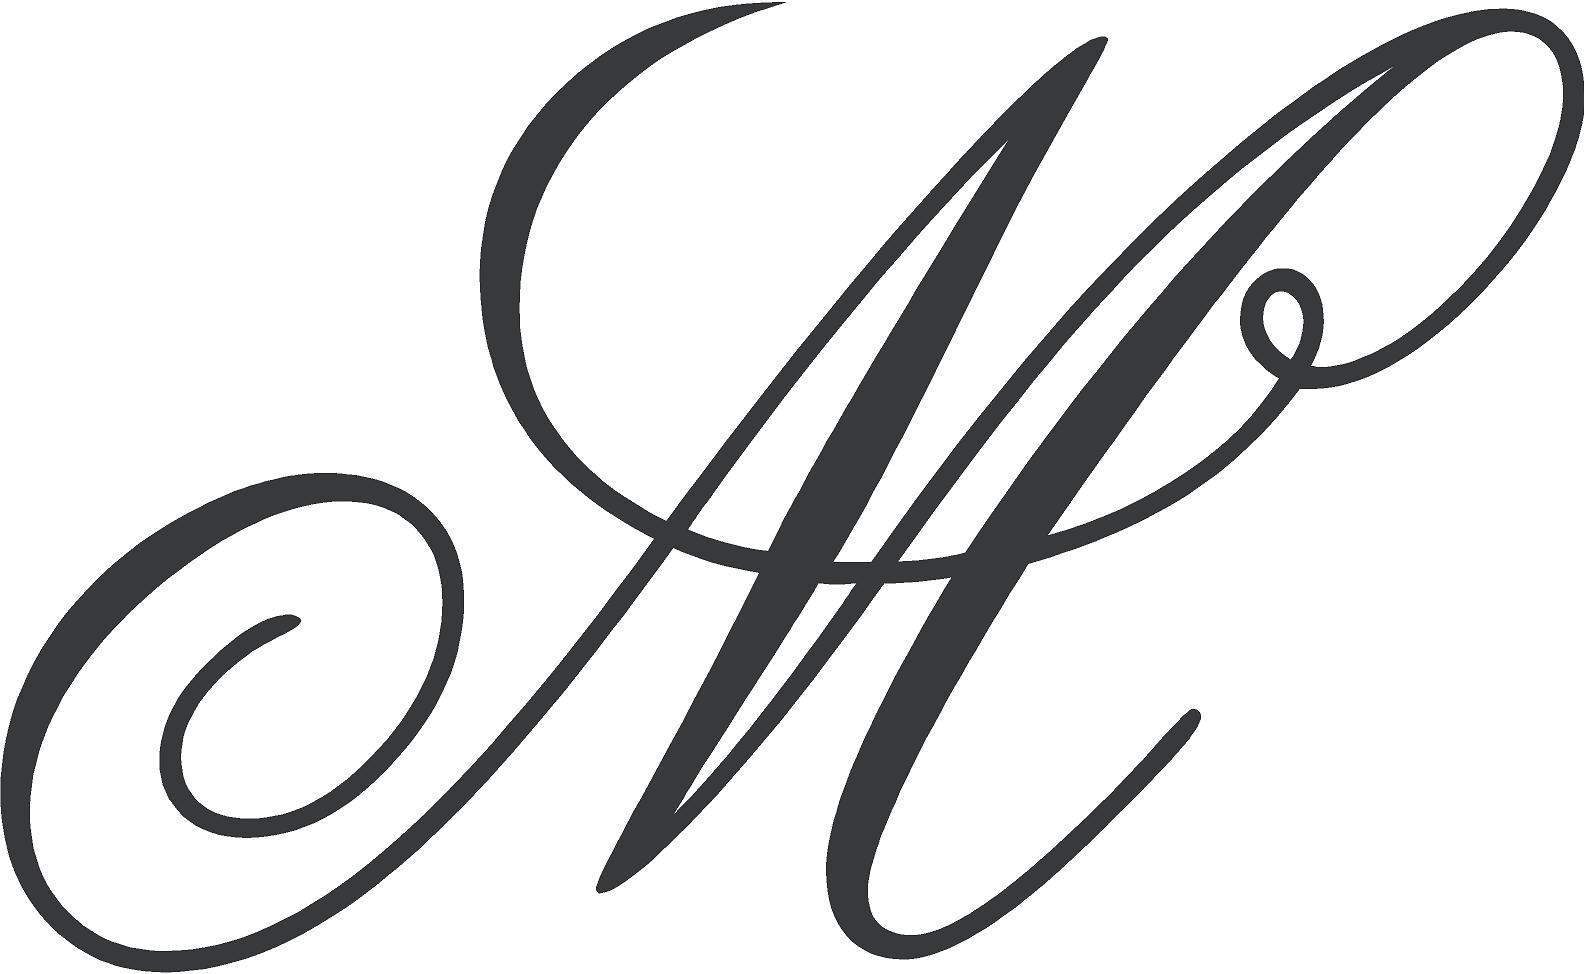 Fancy Cursive Letter M G Free Image